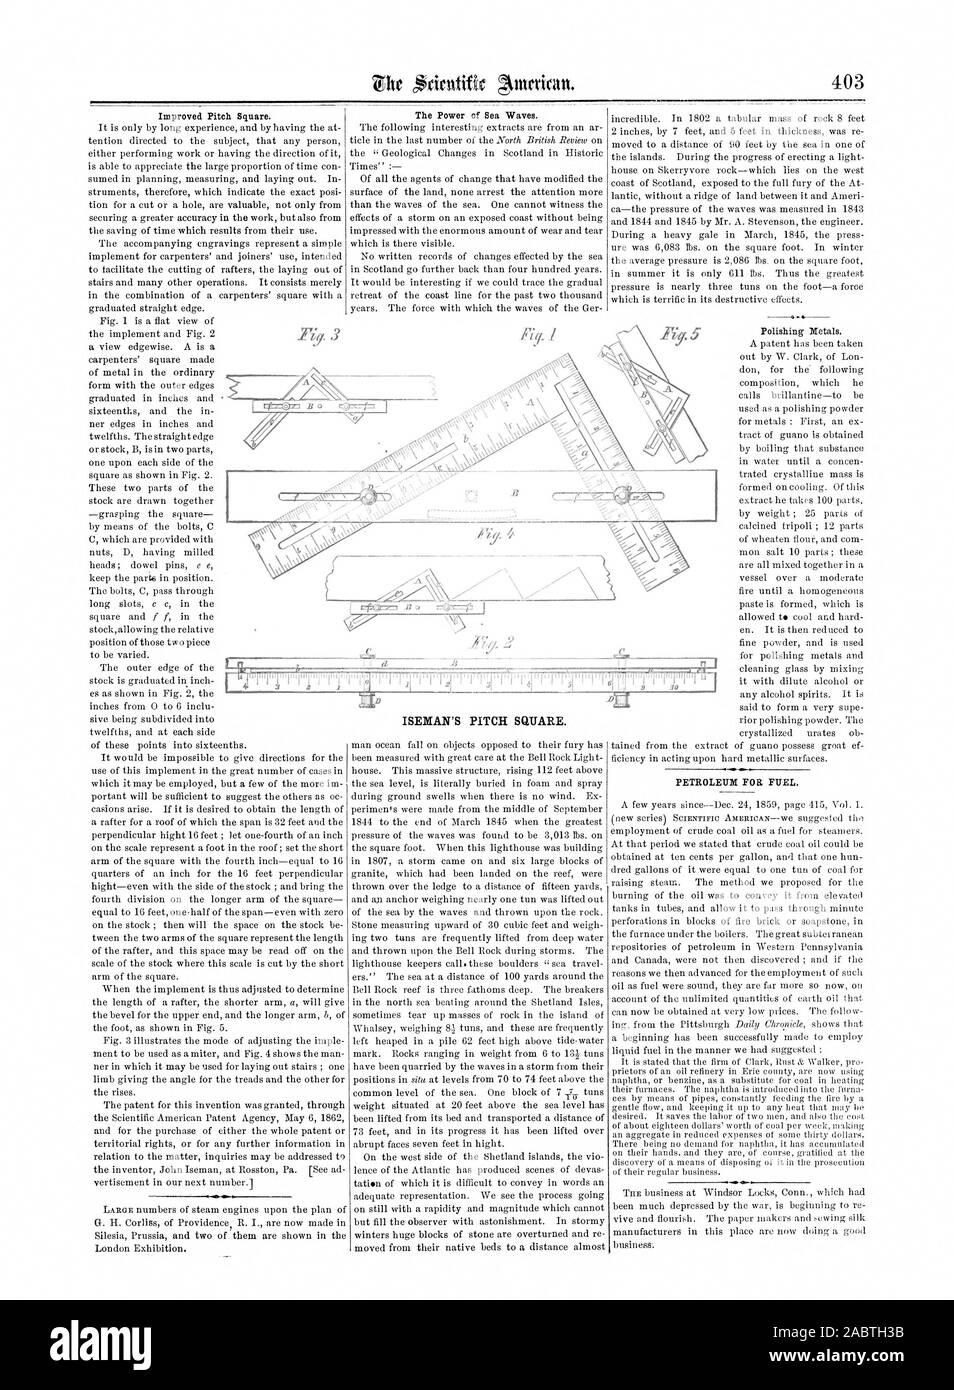 L'amélioration de la place de pas. La puissance des vagues de la mer. Pétrole pour carburant., Scientific American, 1862-06-28 Banque D'Images